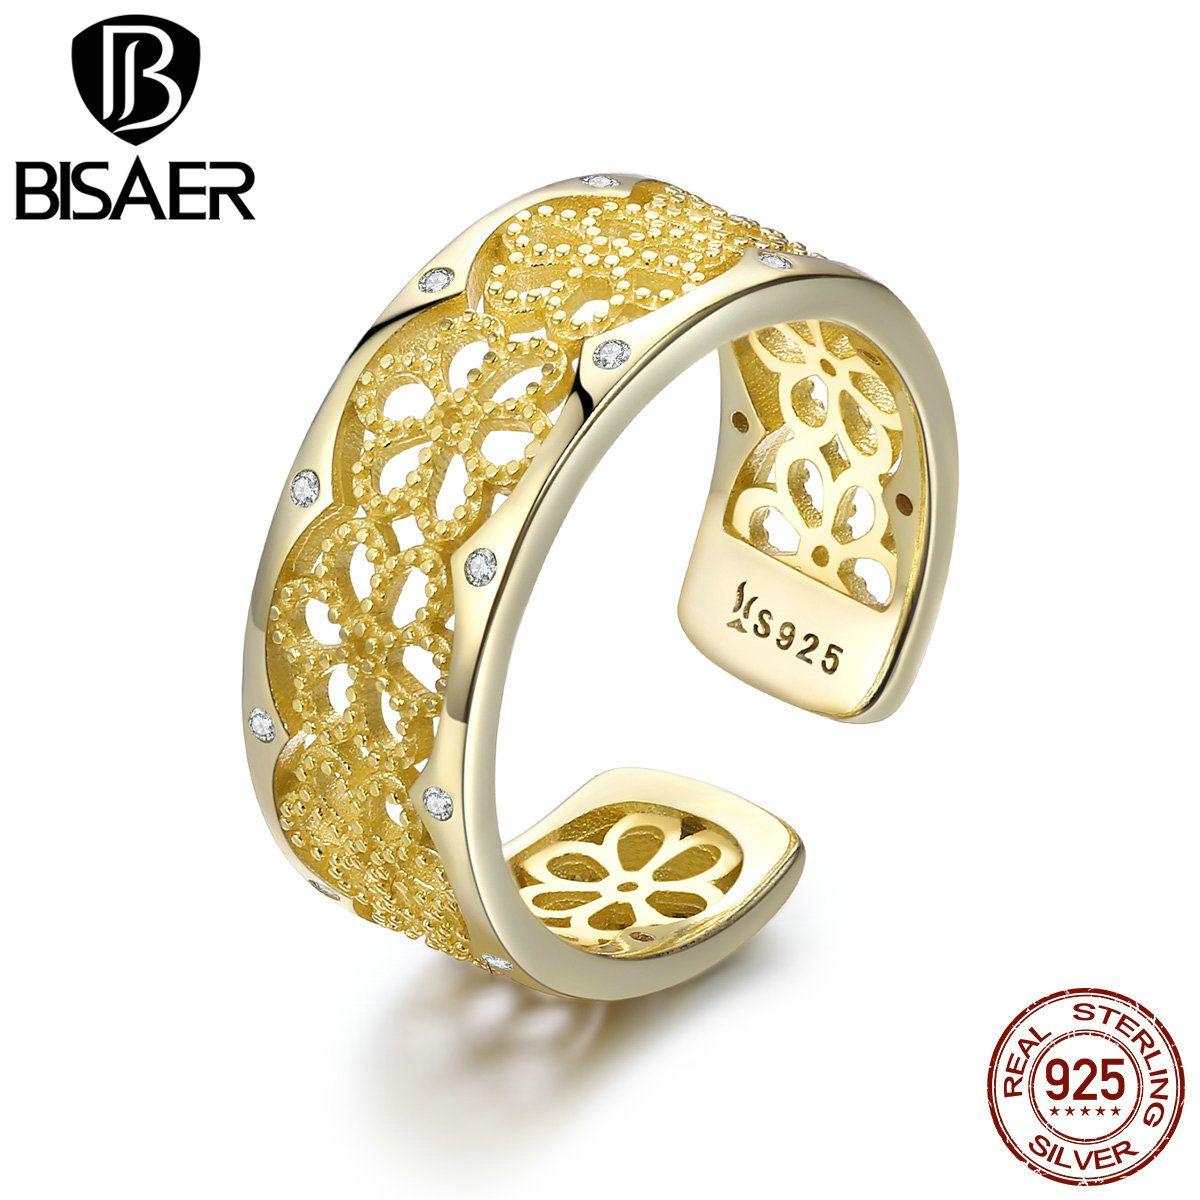 الجملة لون الذهب باجي أصيلة 925 فضة زهرة تكويم البنصر فتح حجم الحرة باجي مجوهرات خمر GXR460